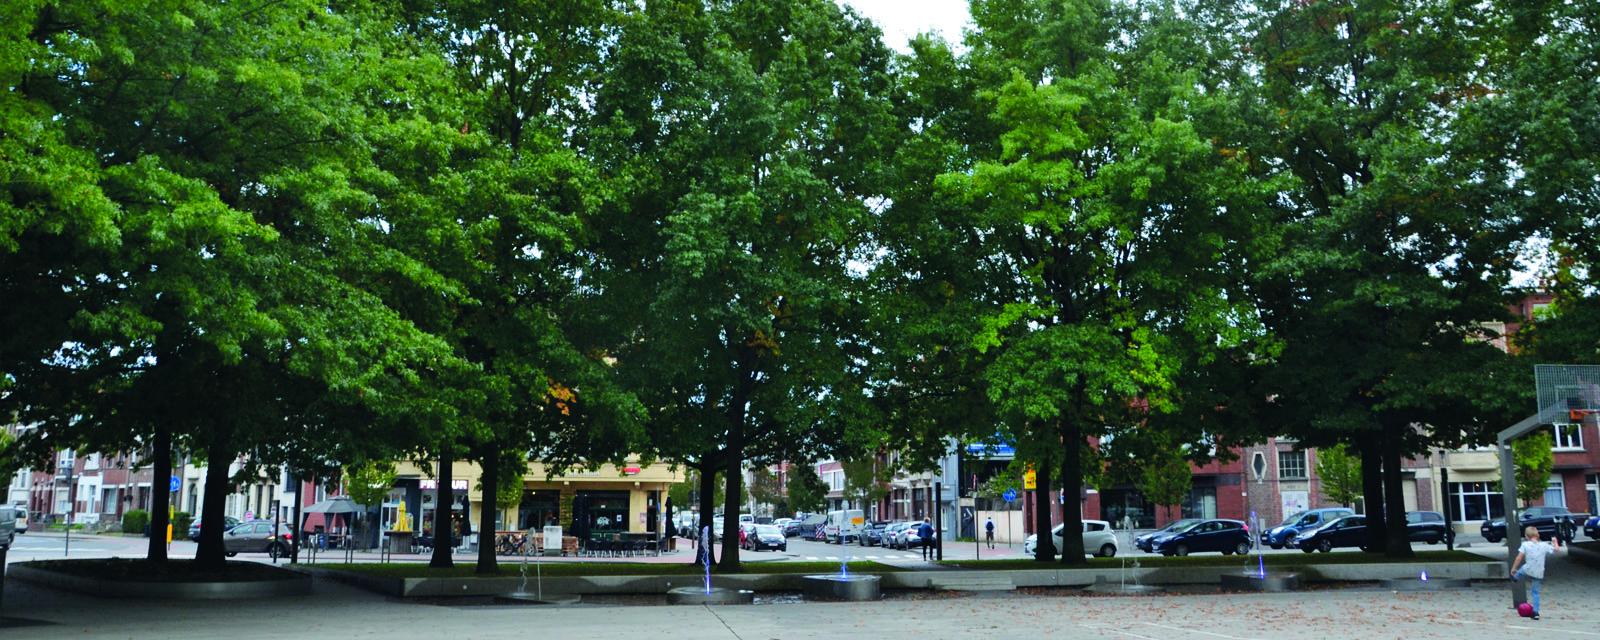 <H2>Groener en gezonder</H2> <div>Groen maakt gelukkig! Daarom investeren we in onze groene longen door Bouckenborghpark en het Fortje te gaan opwaarderen en zorgen we voor meer groen in de straten! </div>